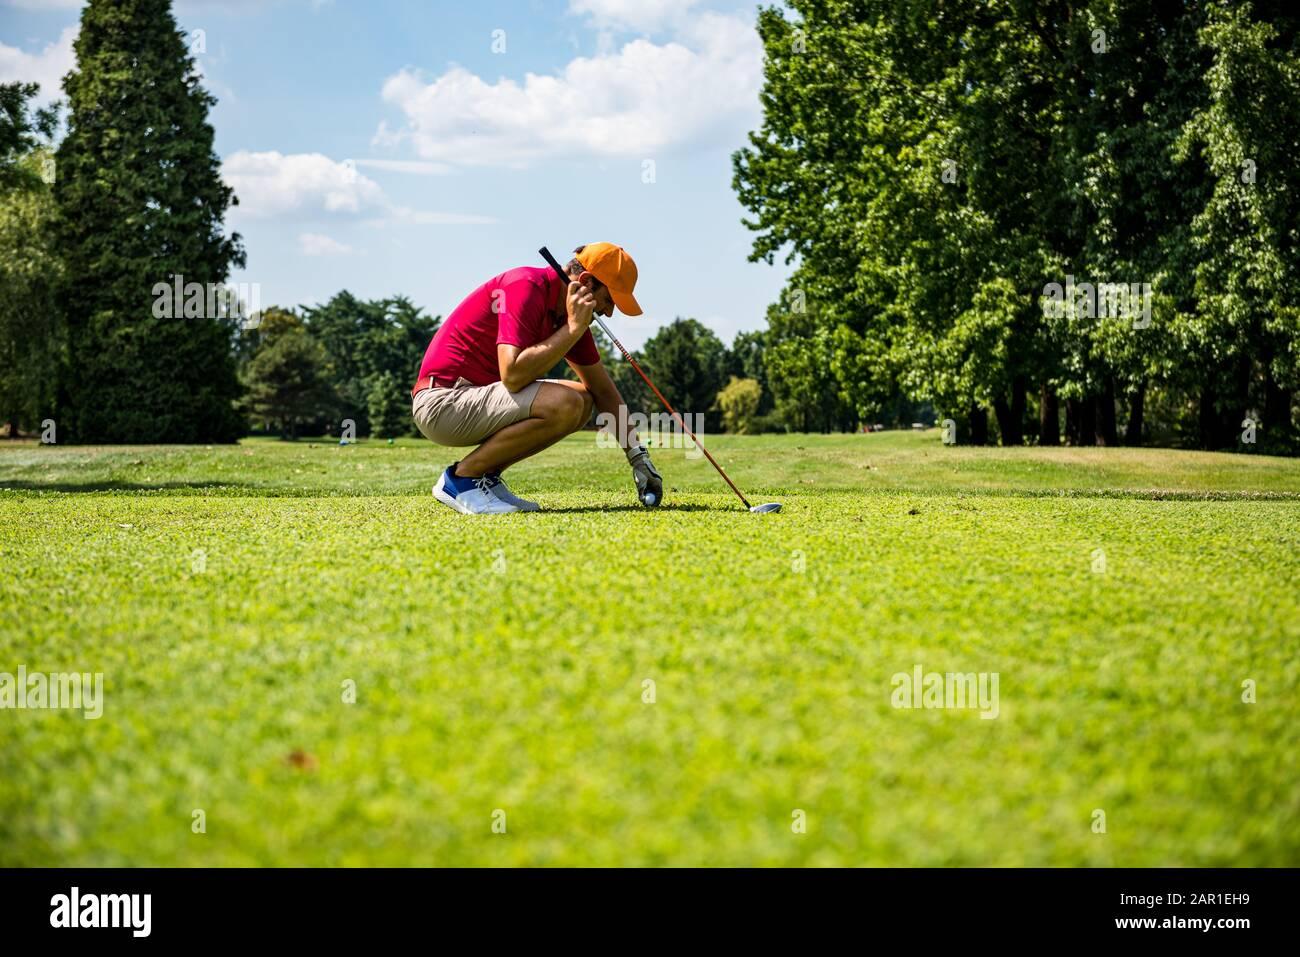 Frapper la photo de golf parfaite Banque D'Images